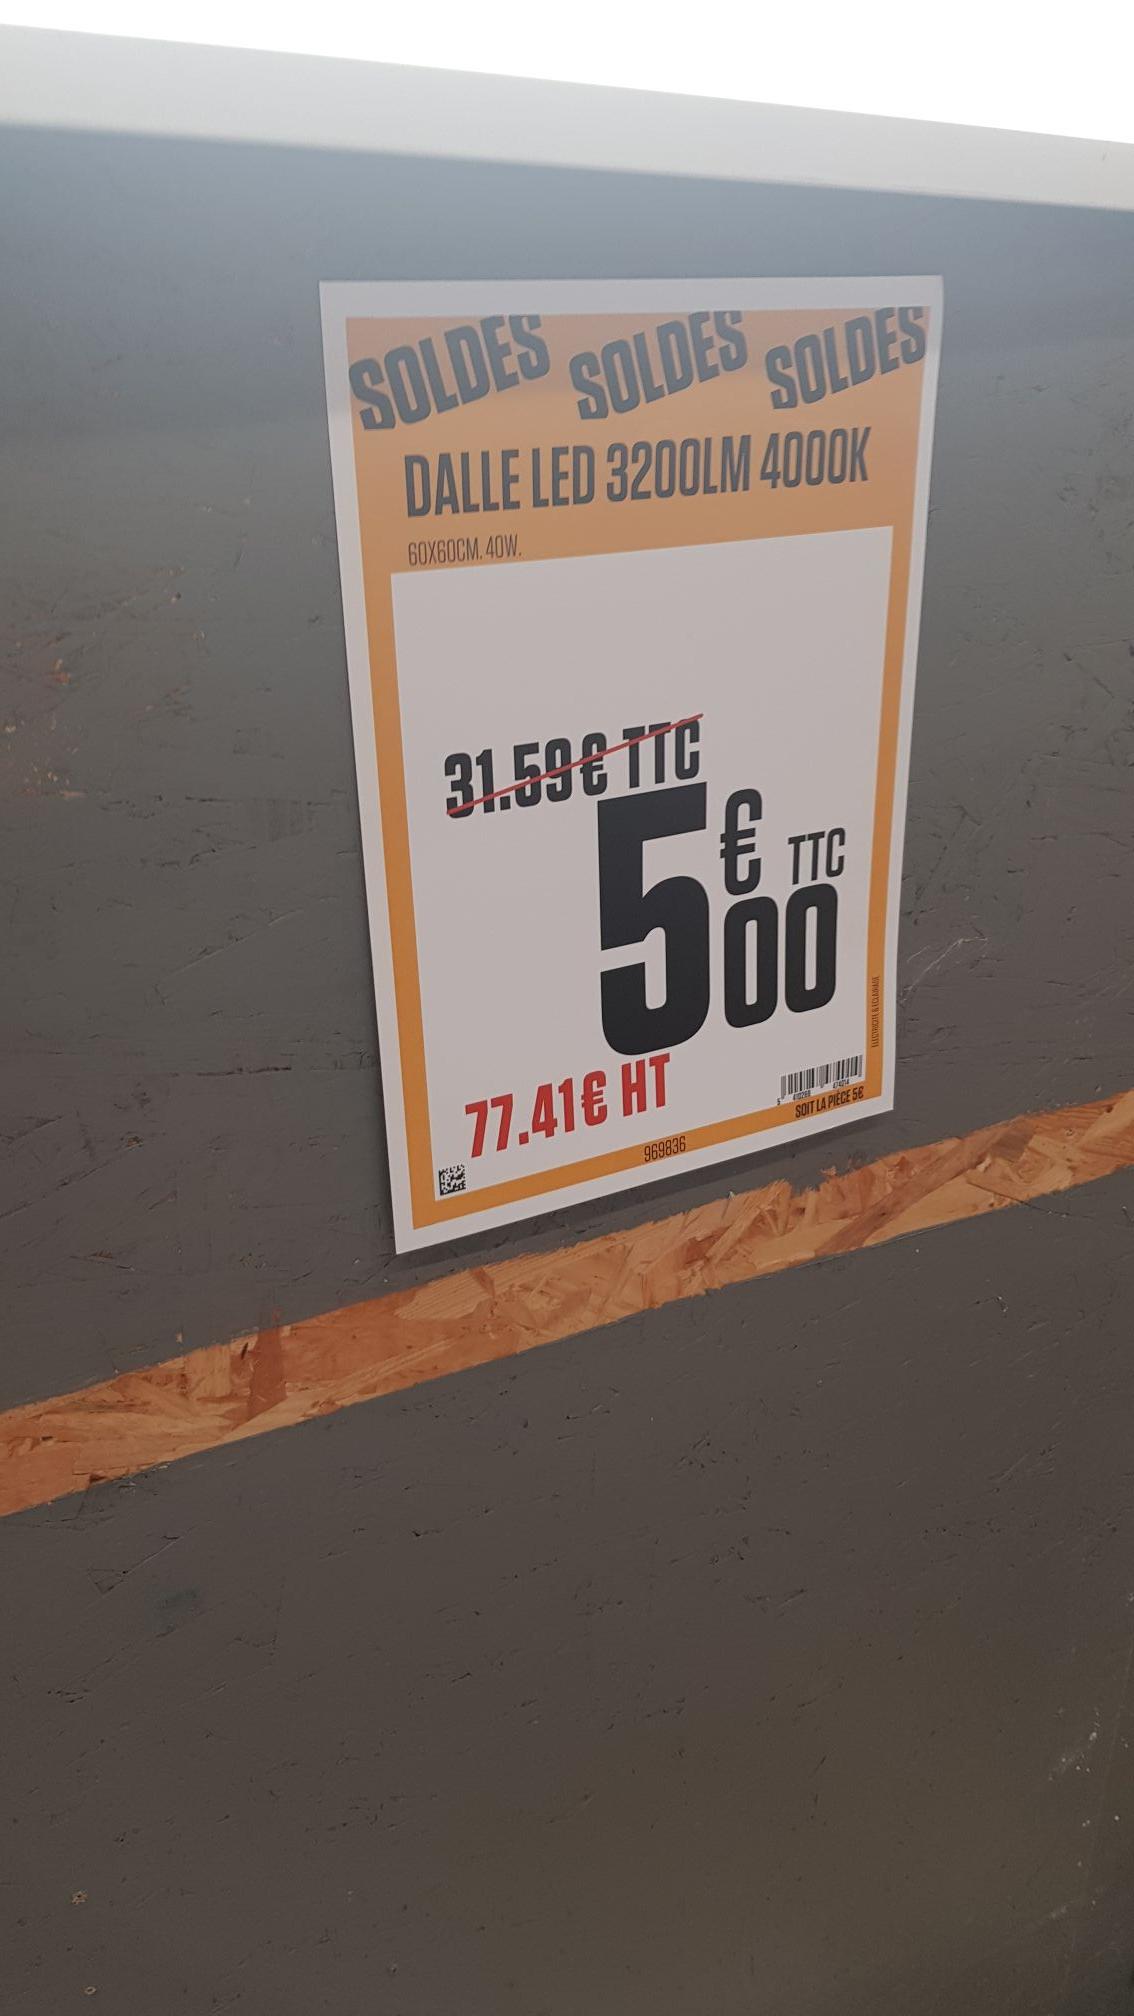 Dalle led 3200LM 4000K - Distré (49)